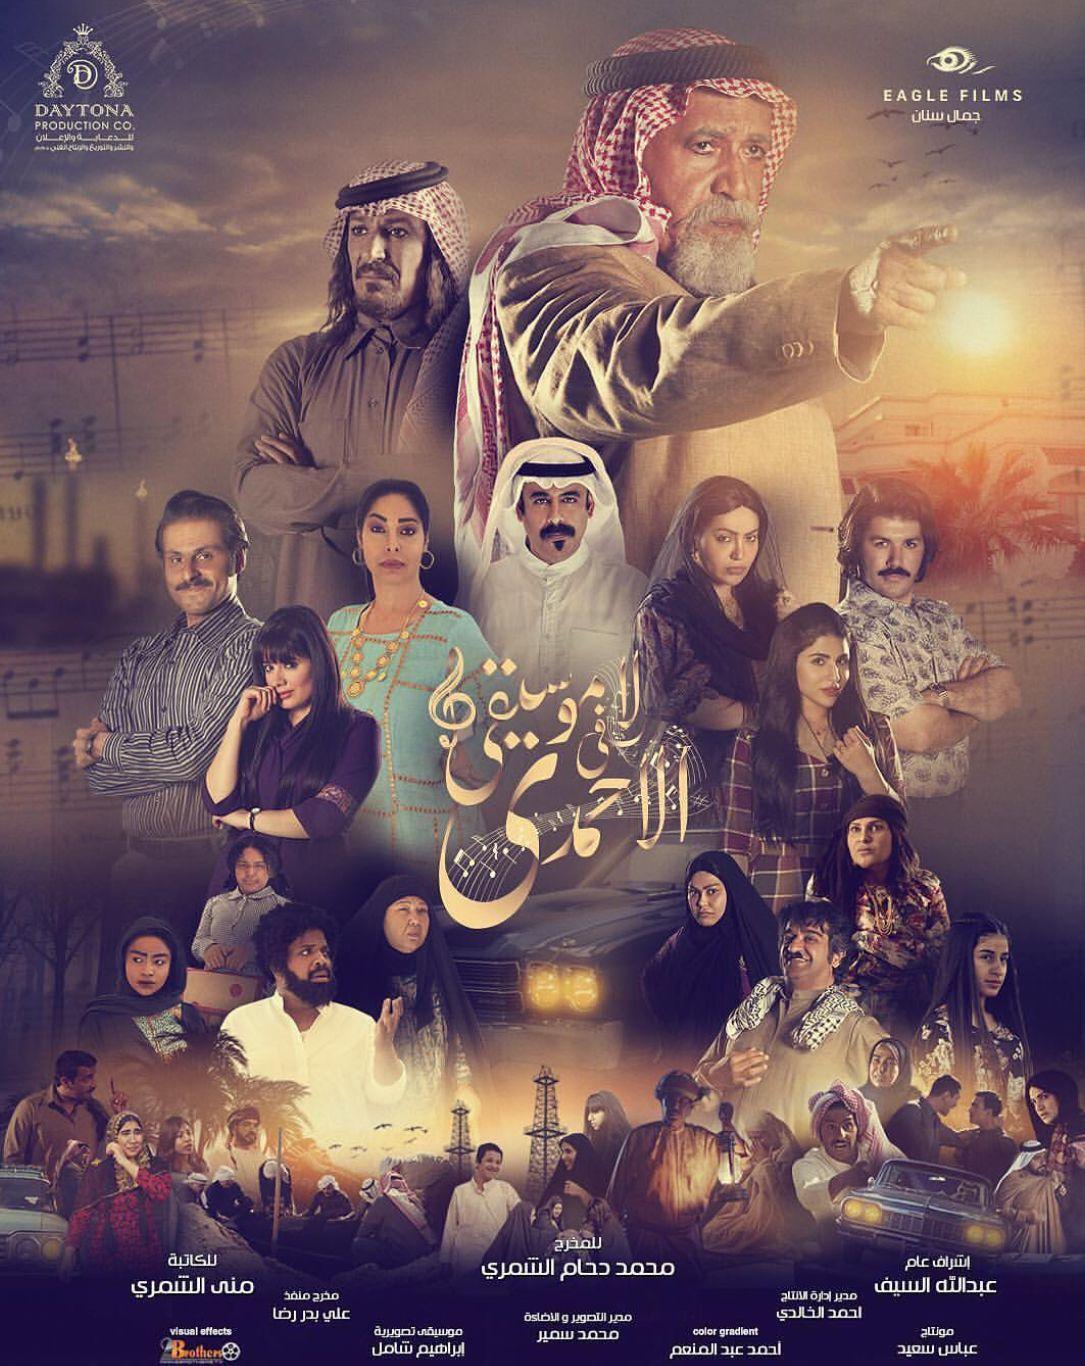 احداث وتفاصيل الحلقة 30 والاخيرة مسلسل لا موسيقى في الأحمدي رمضان 2019 Movie Posters Farah Movies